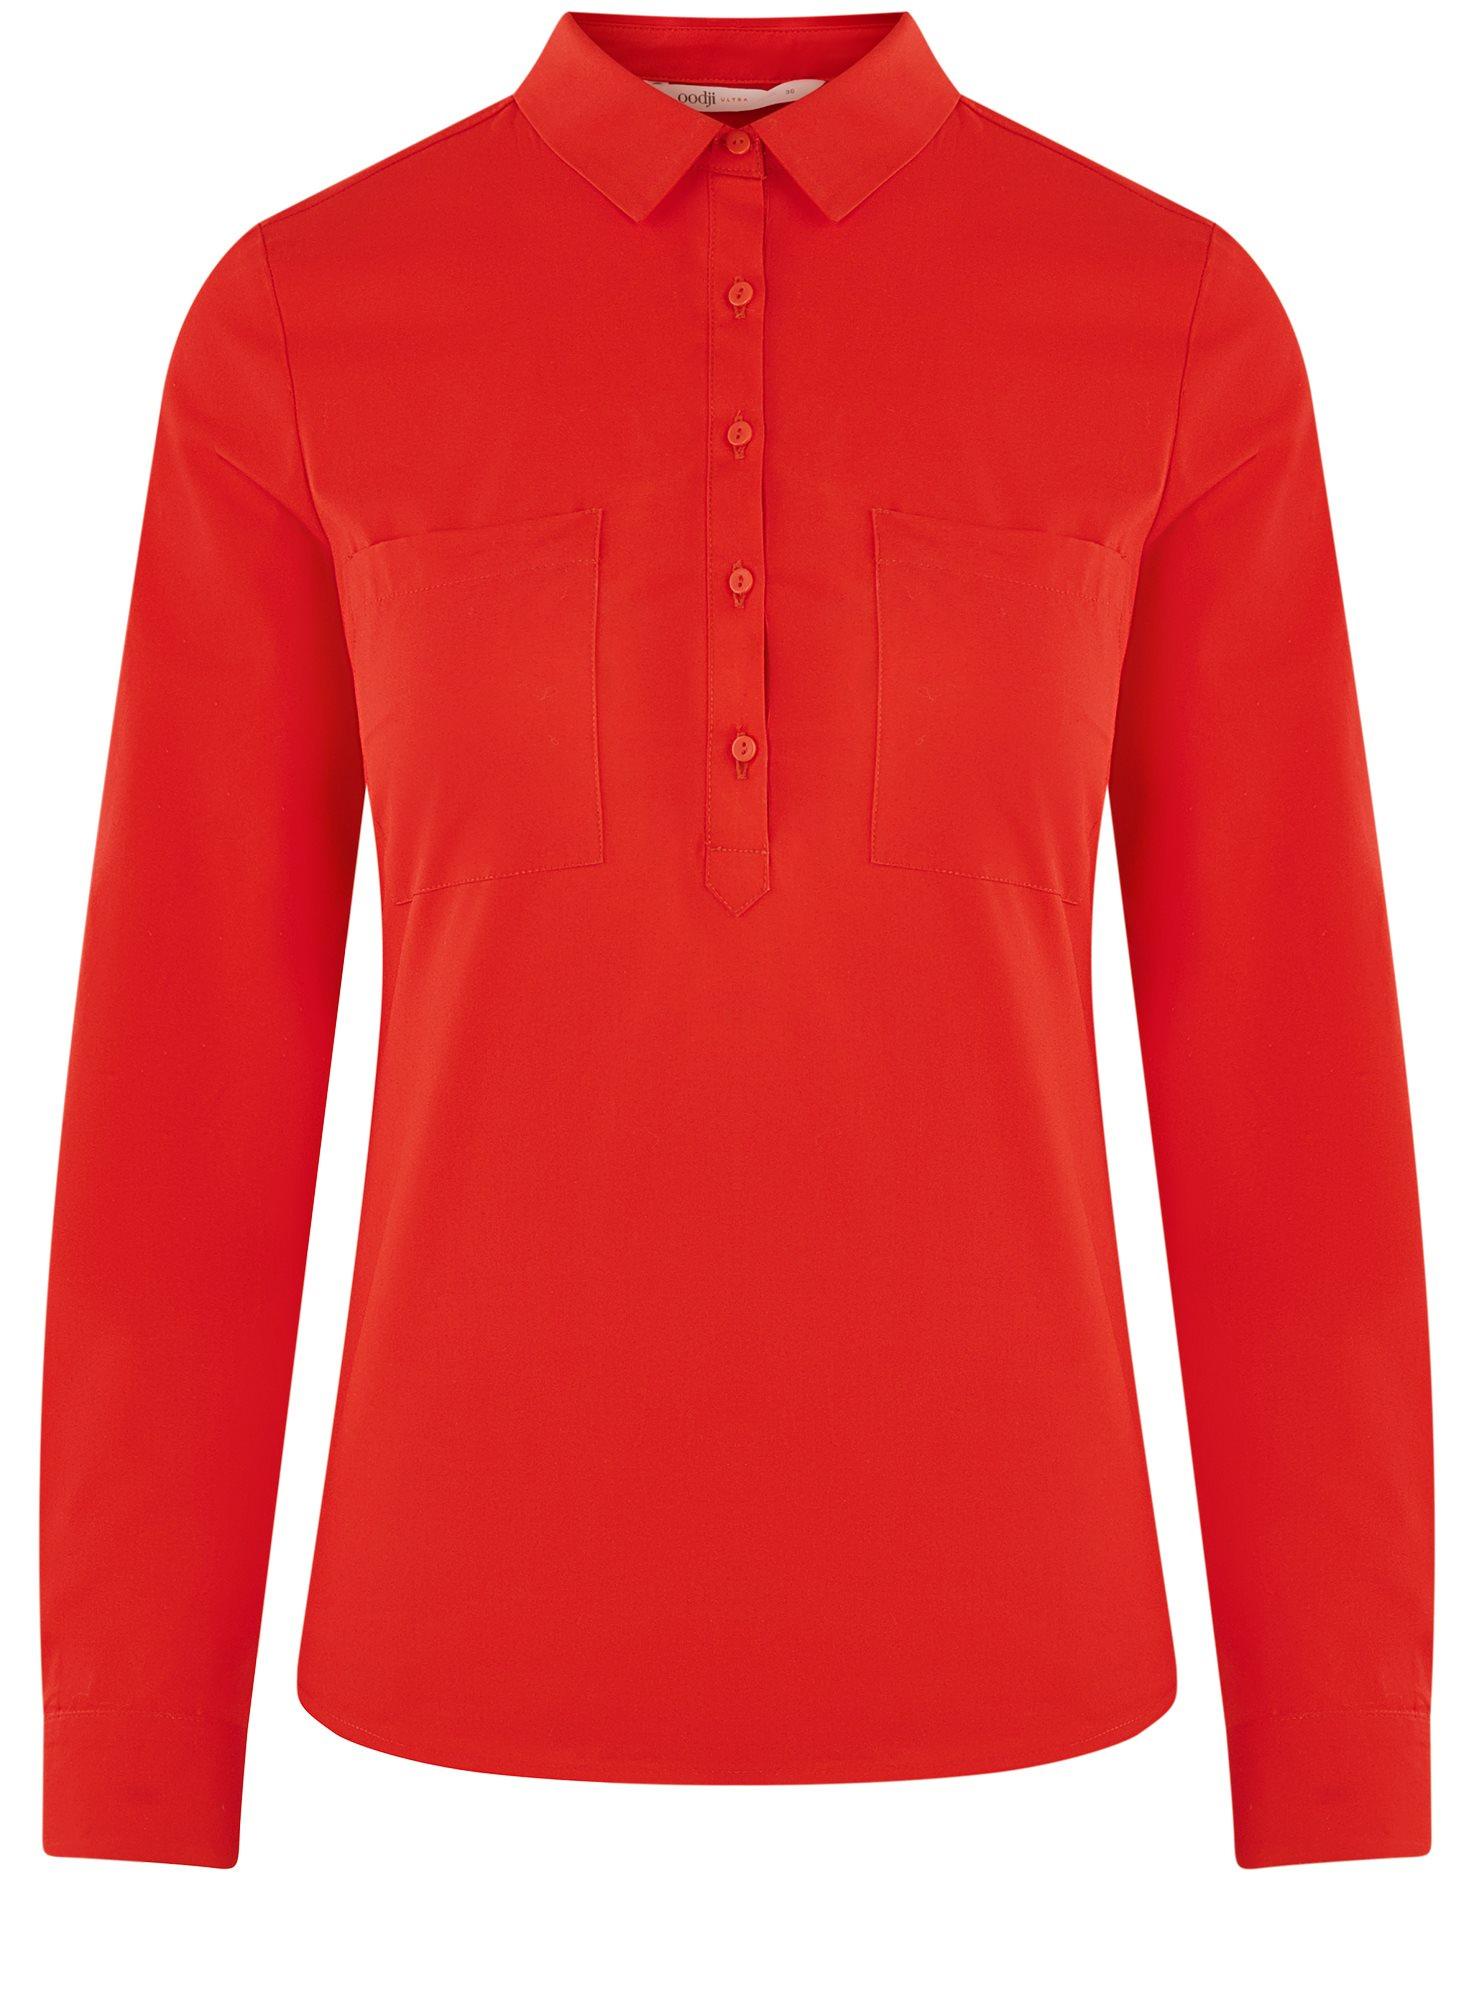 Рубашка базовая с нагрудными карманами oodji для женщины (красный), 11403222B/42468/4500N